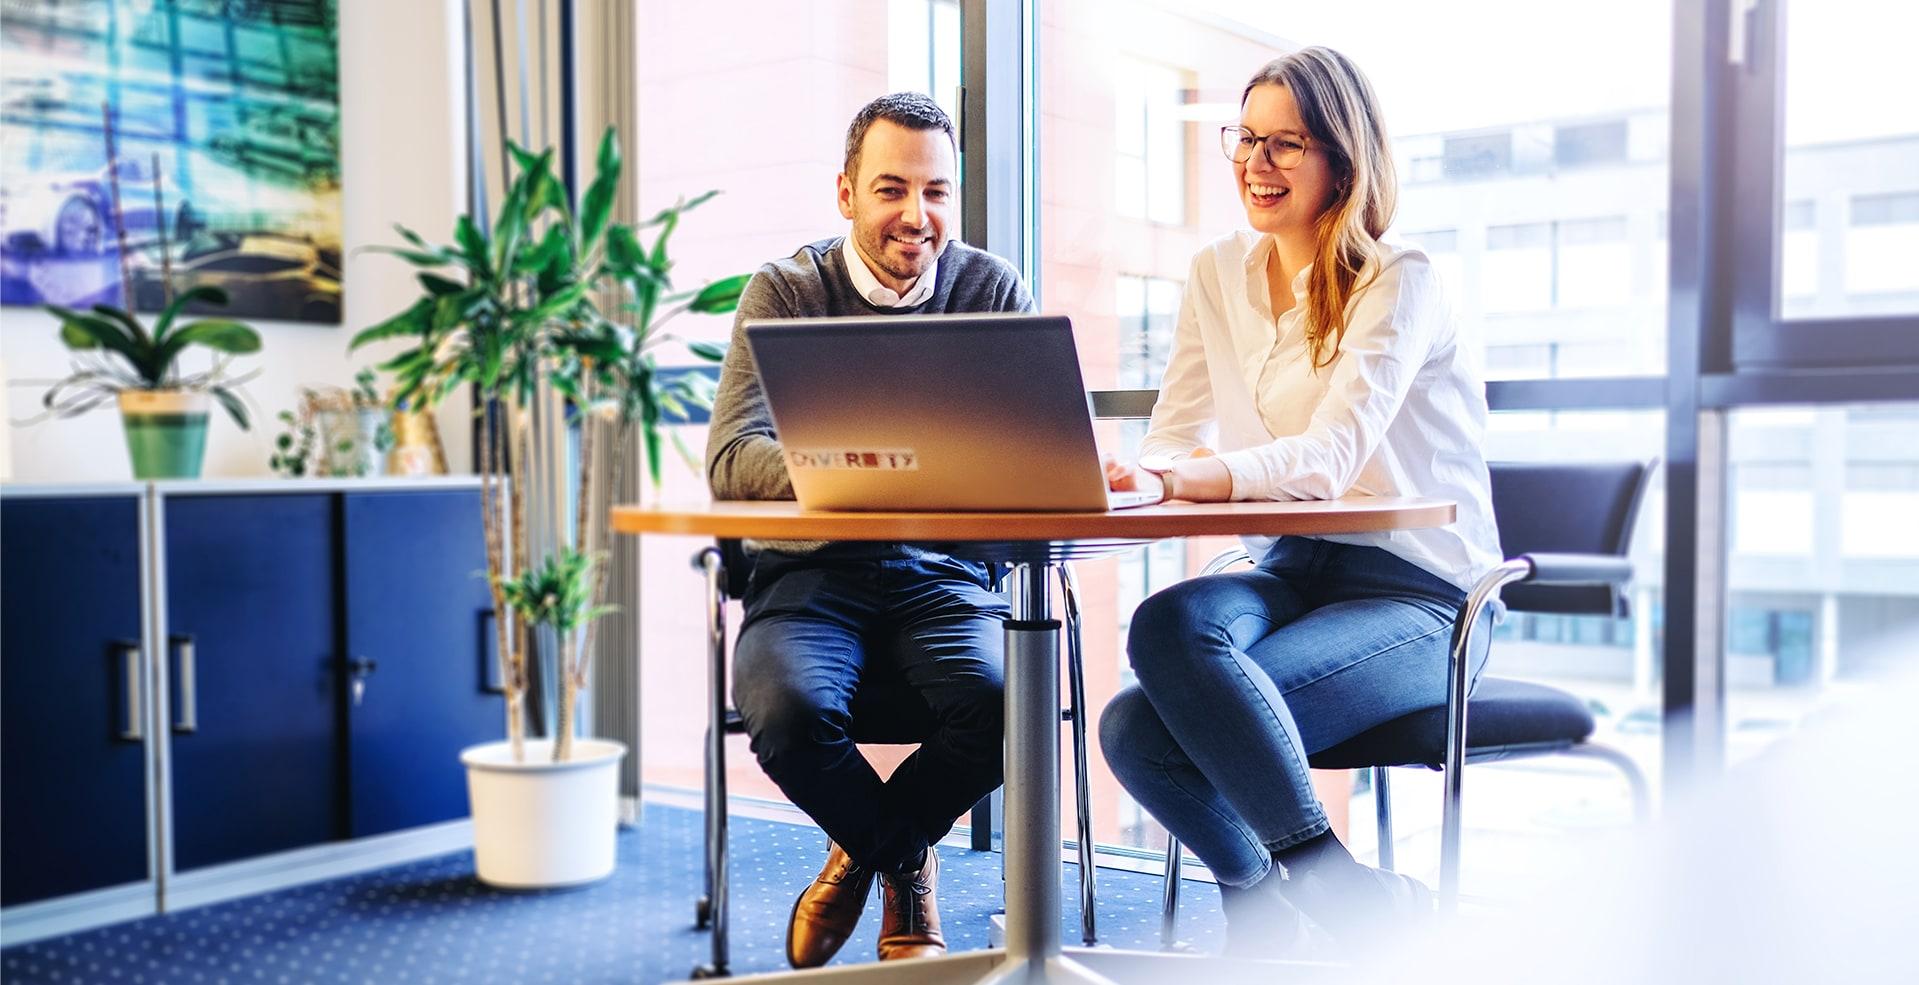 Zwei Kollegen im Meeting mit Blick auf dem Laptop.